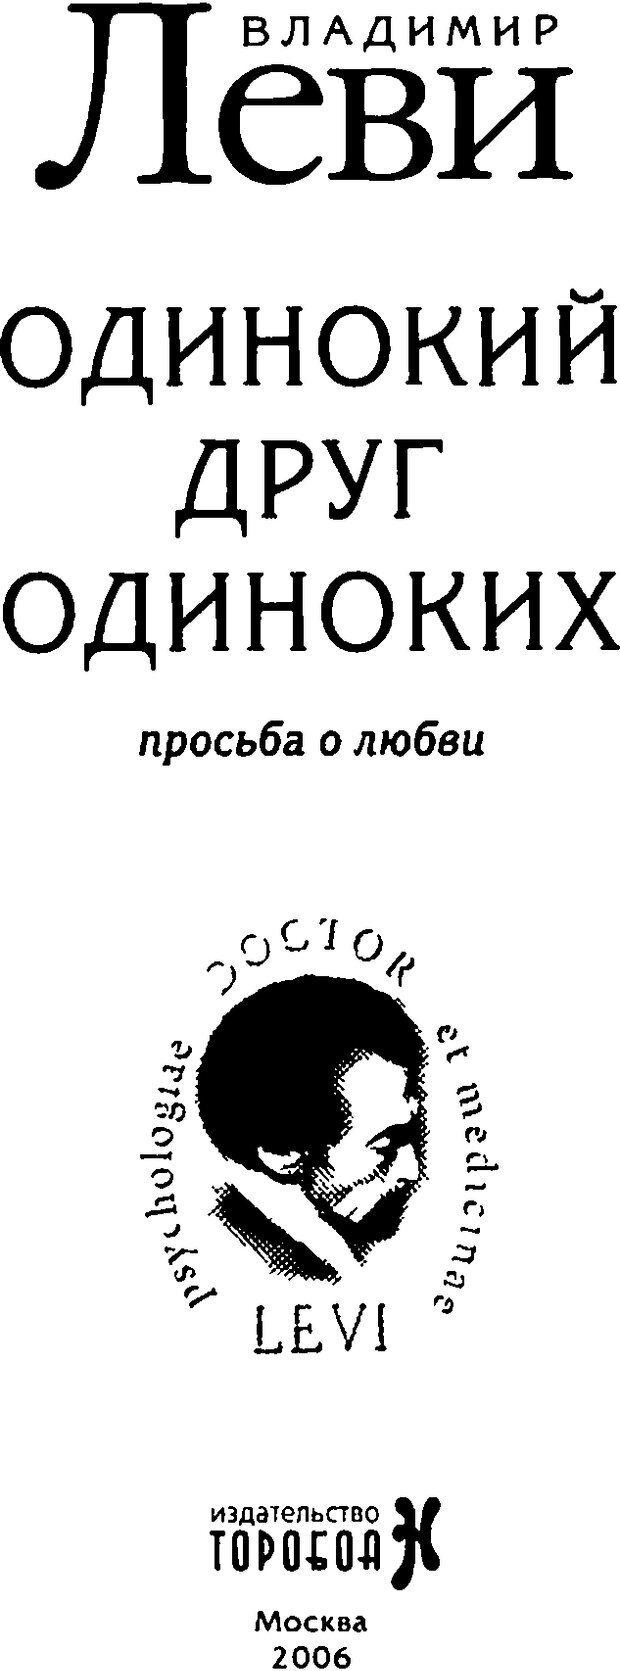 DJVU. Одинокий друг одиноких. Леви В. Л. Страница 3. Читать онлайн